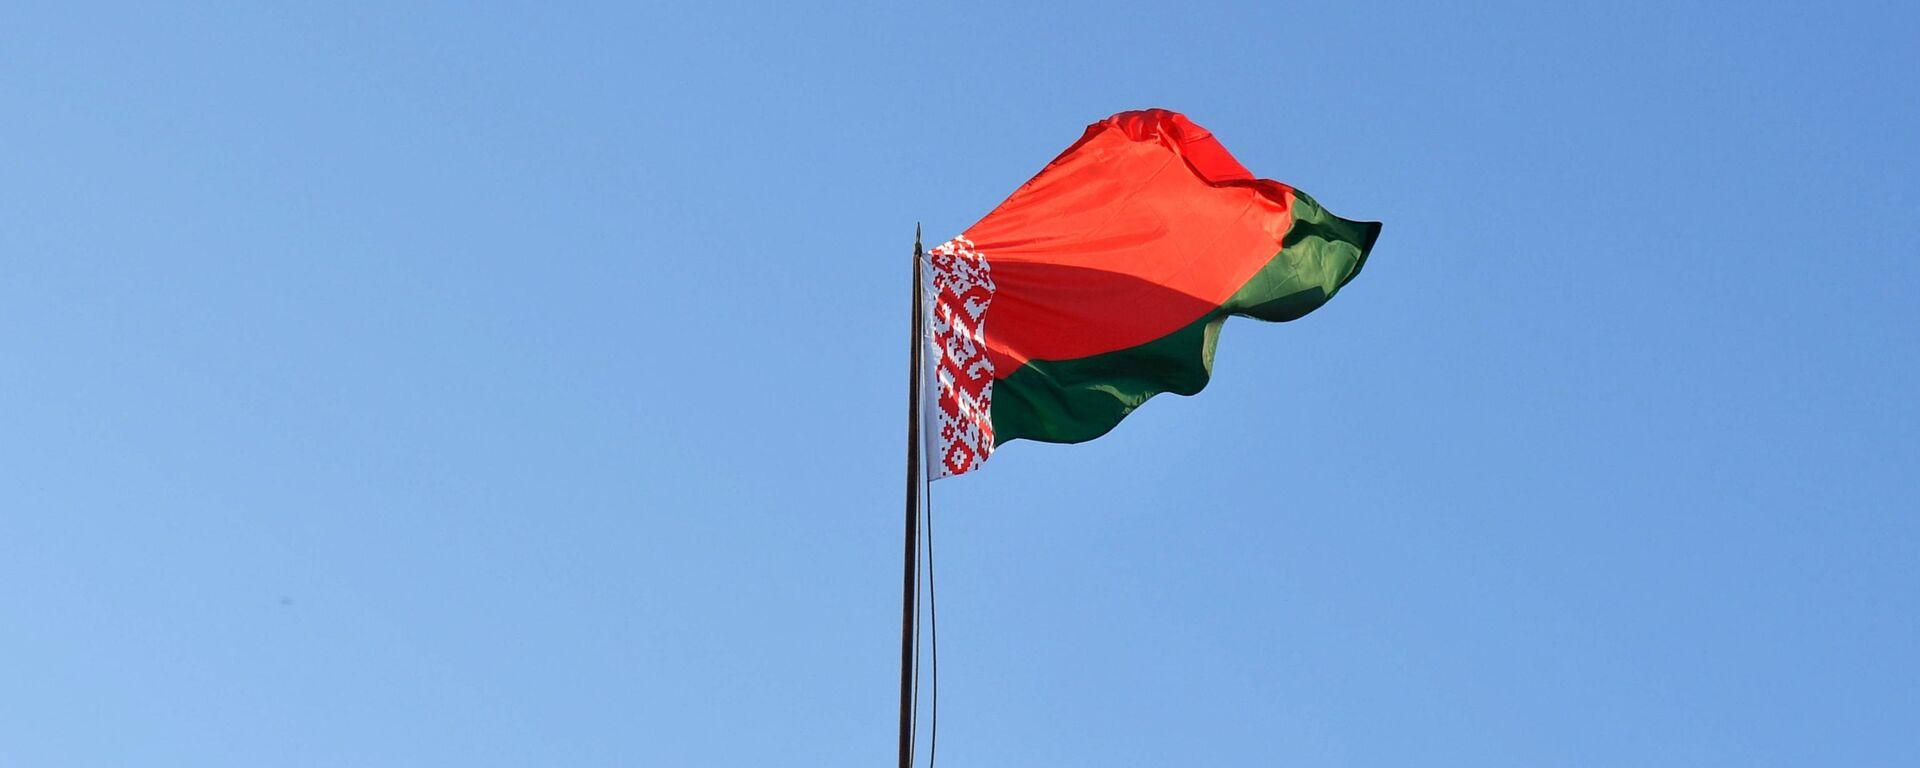 Bandera de Bielorrusia (imagen referencial) - Sputnik Mundo, 1920, 25.06.2021